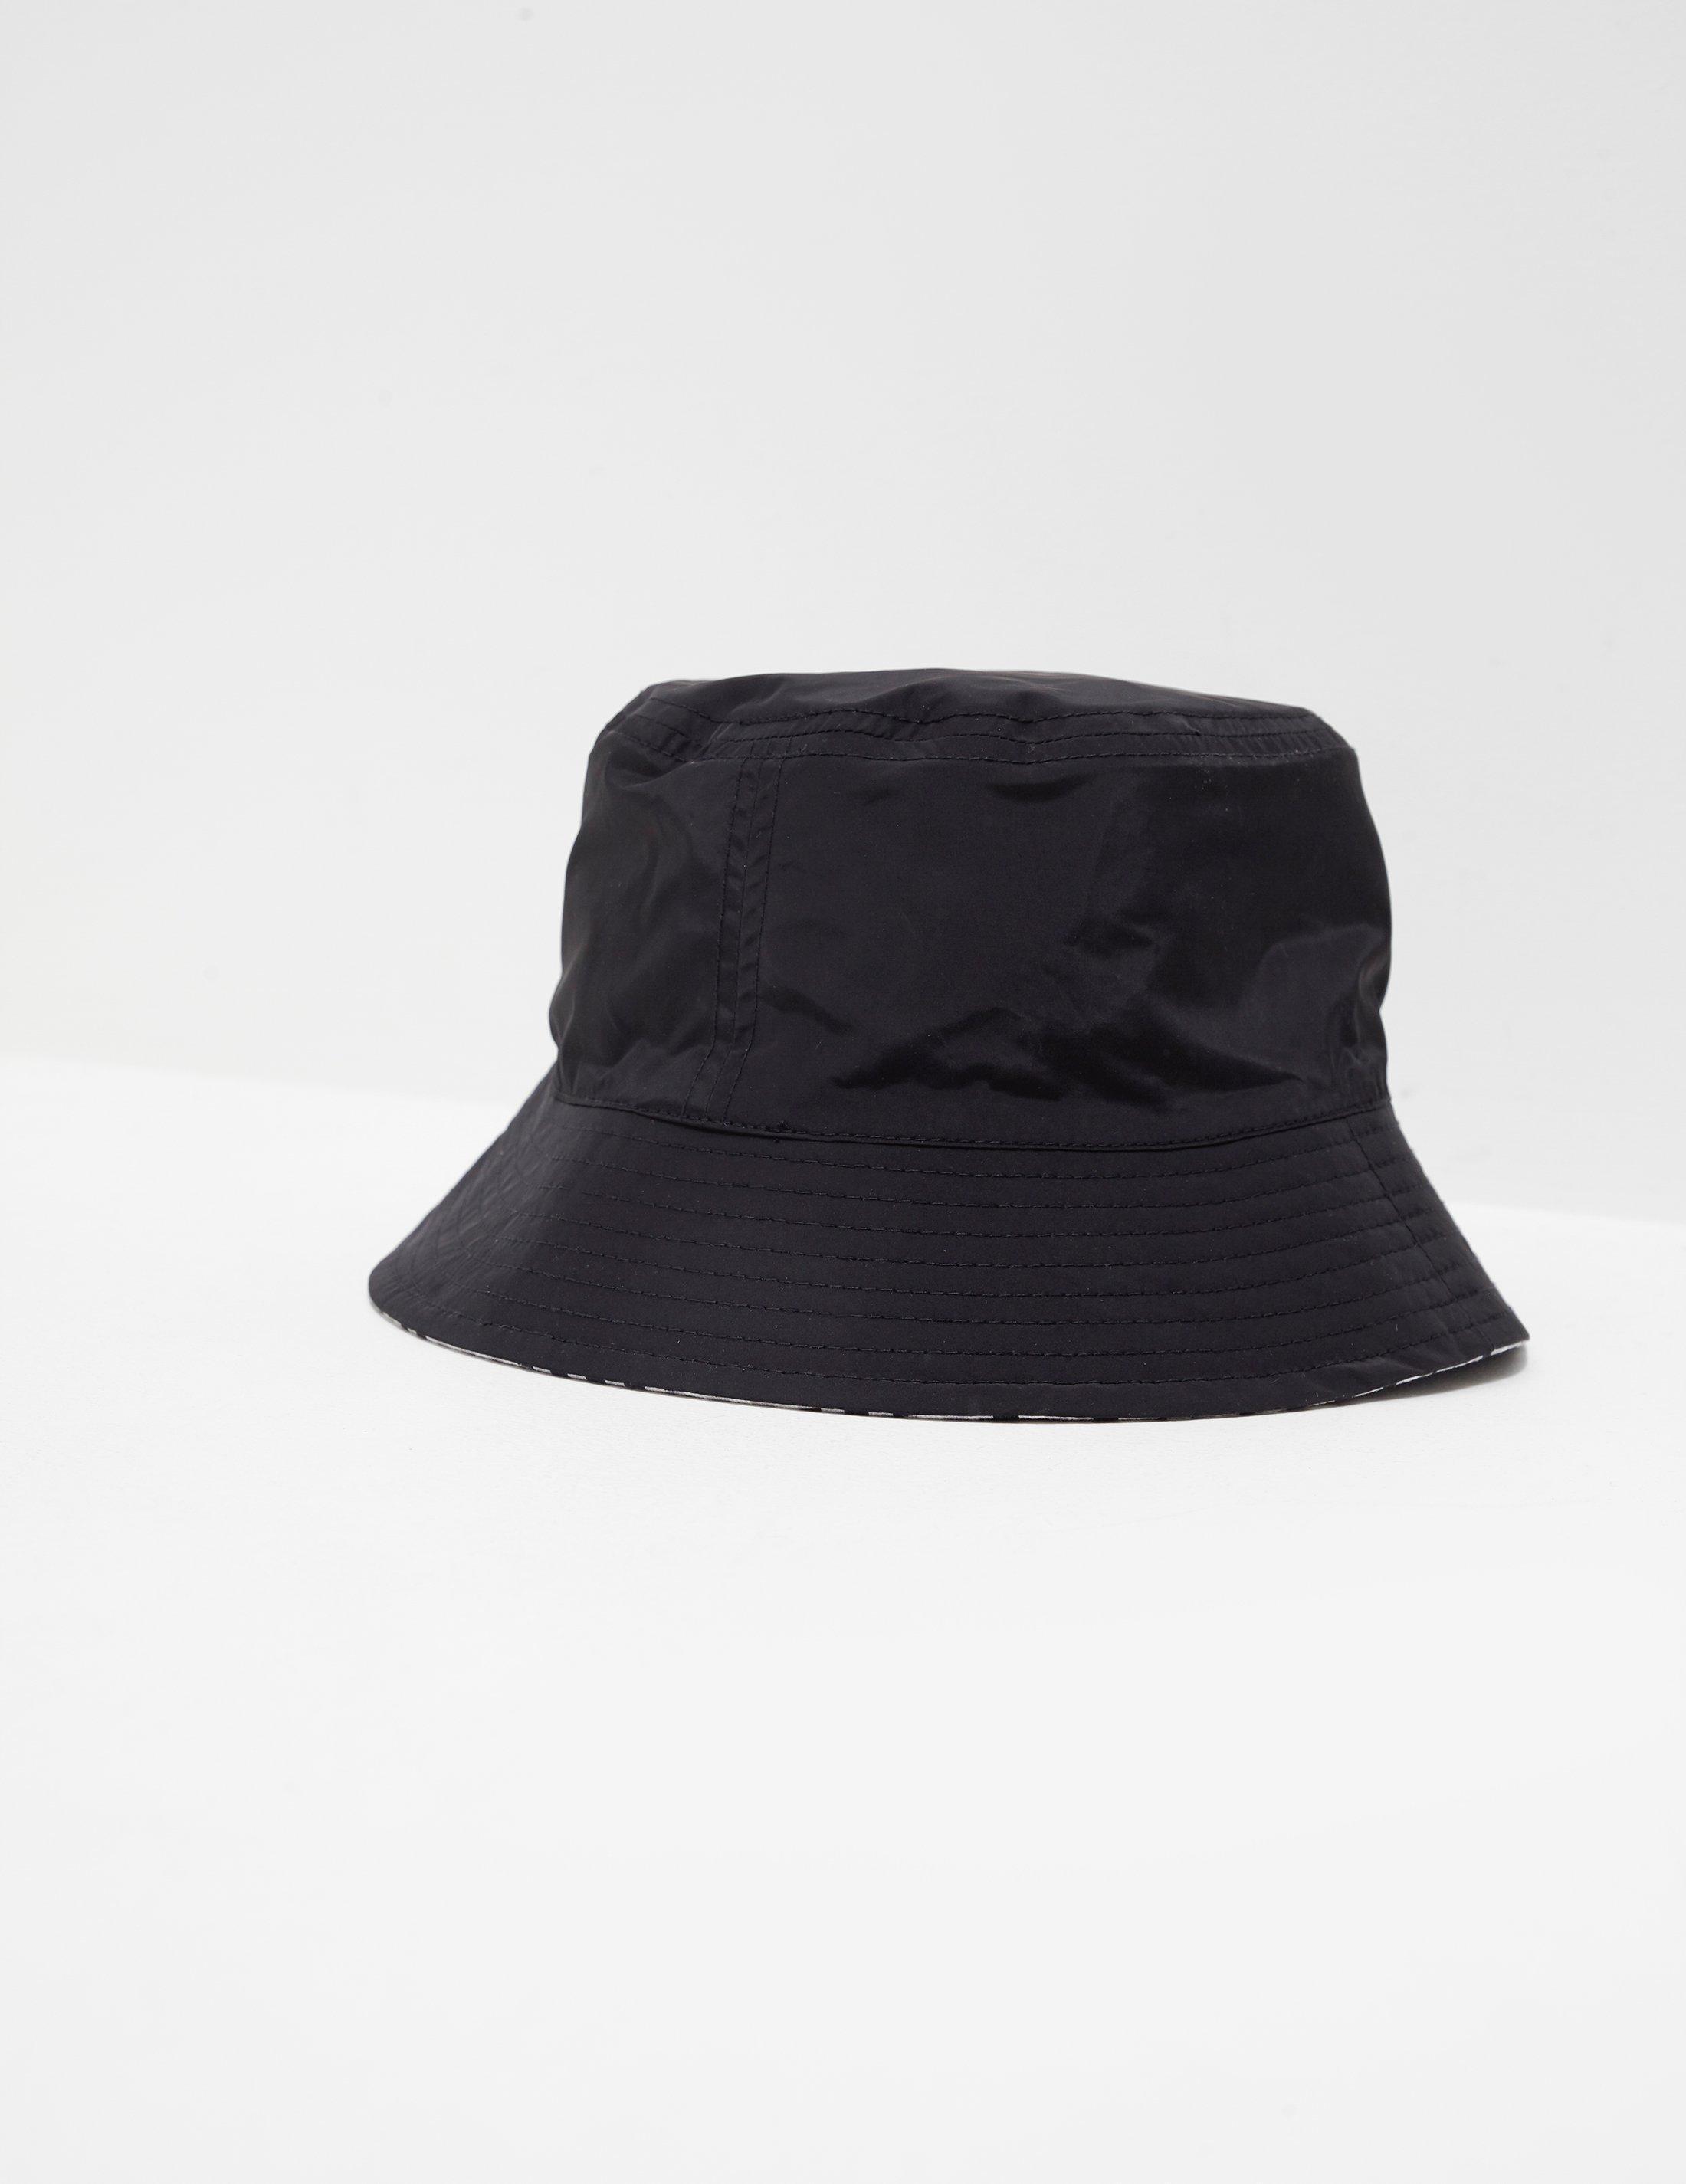 2575eeb3 Calvin Klein Womens Reversible Bucket Hat - Online Exclusive Black ...